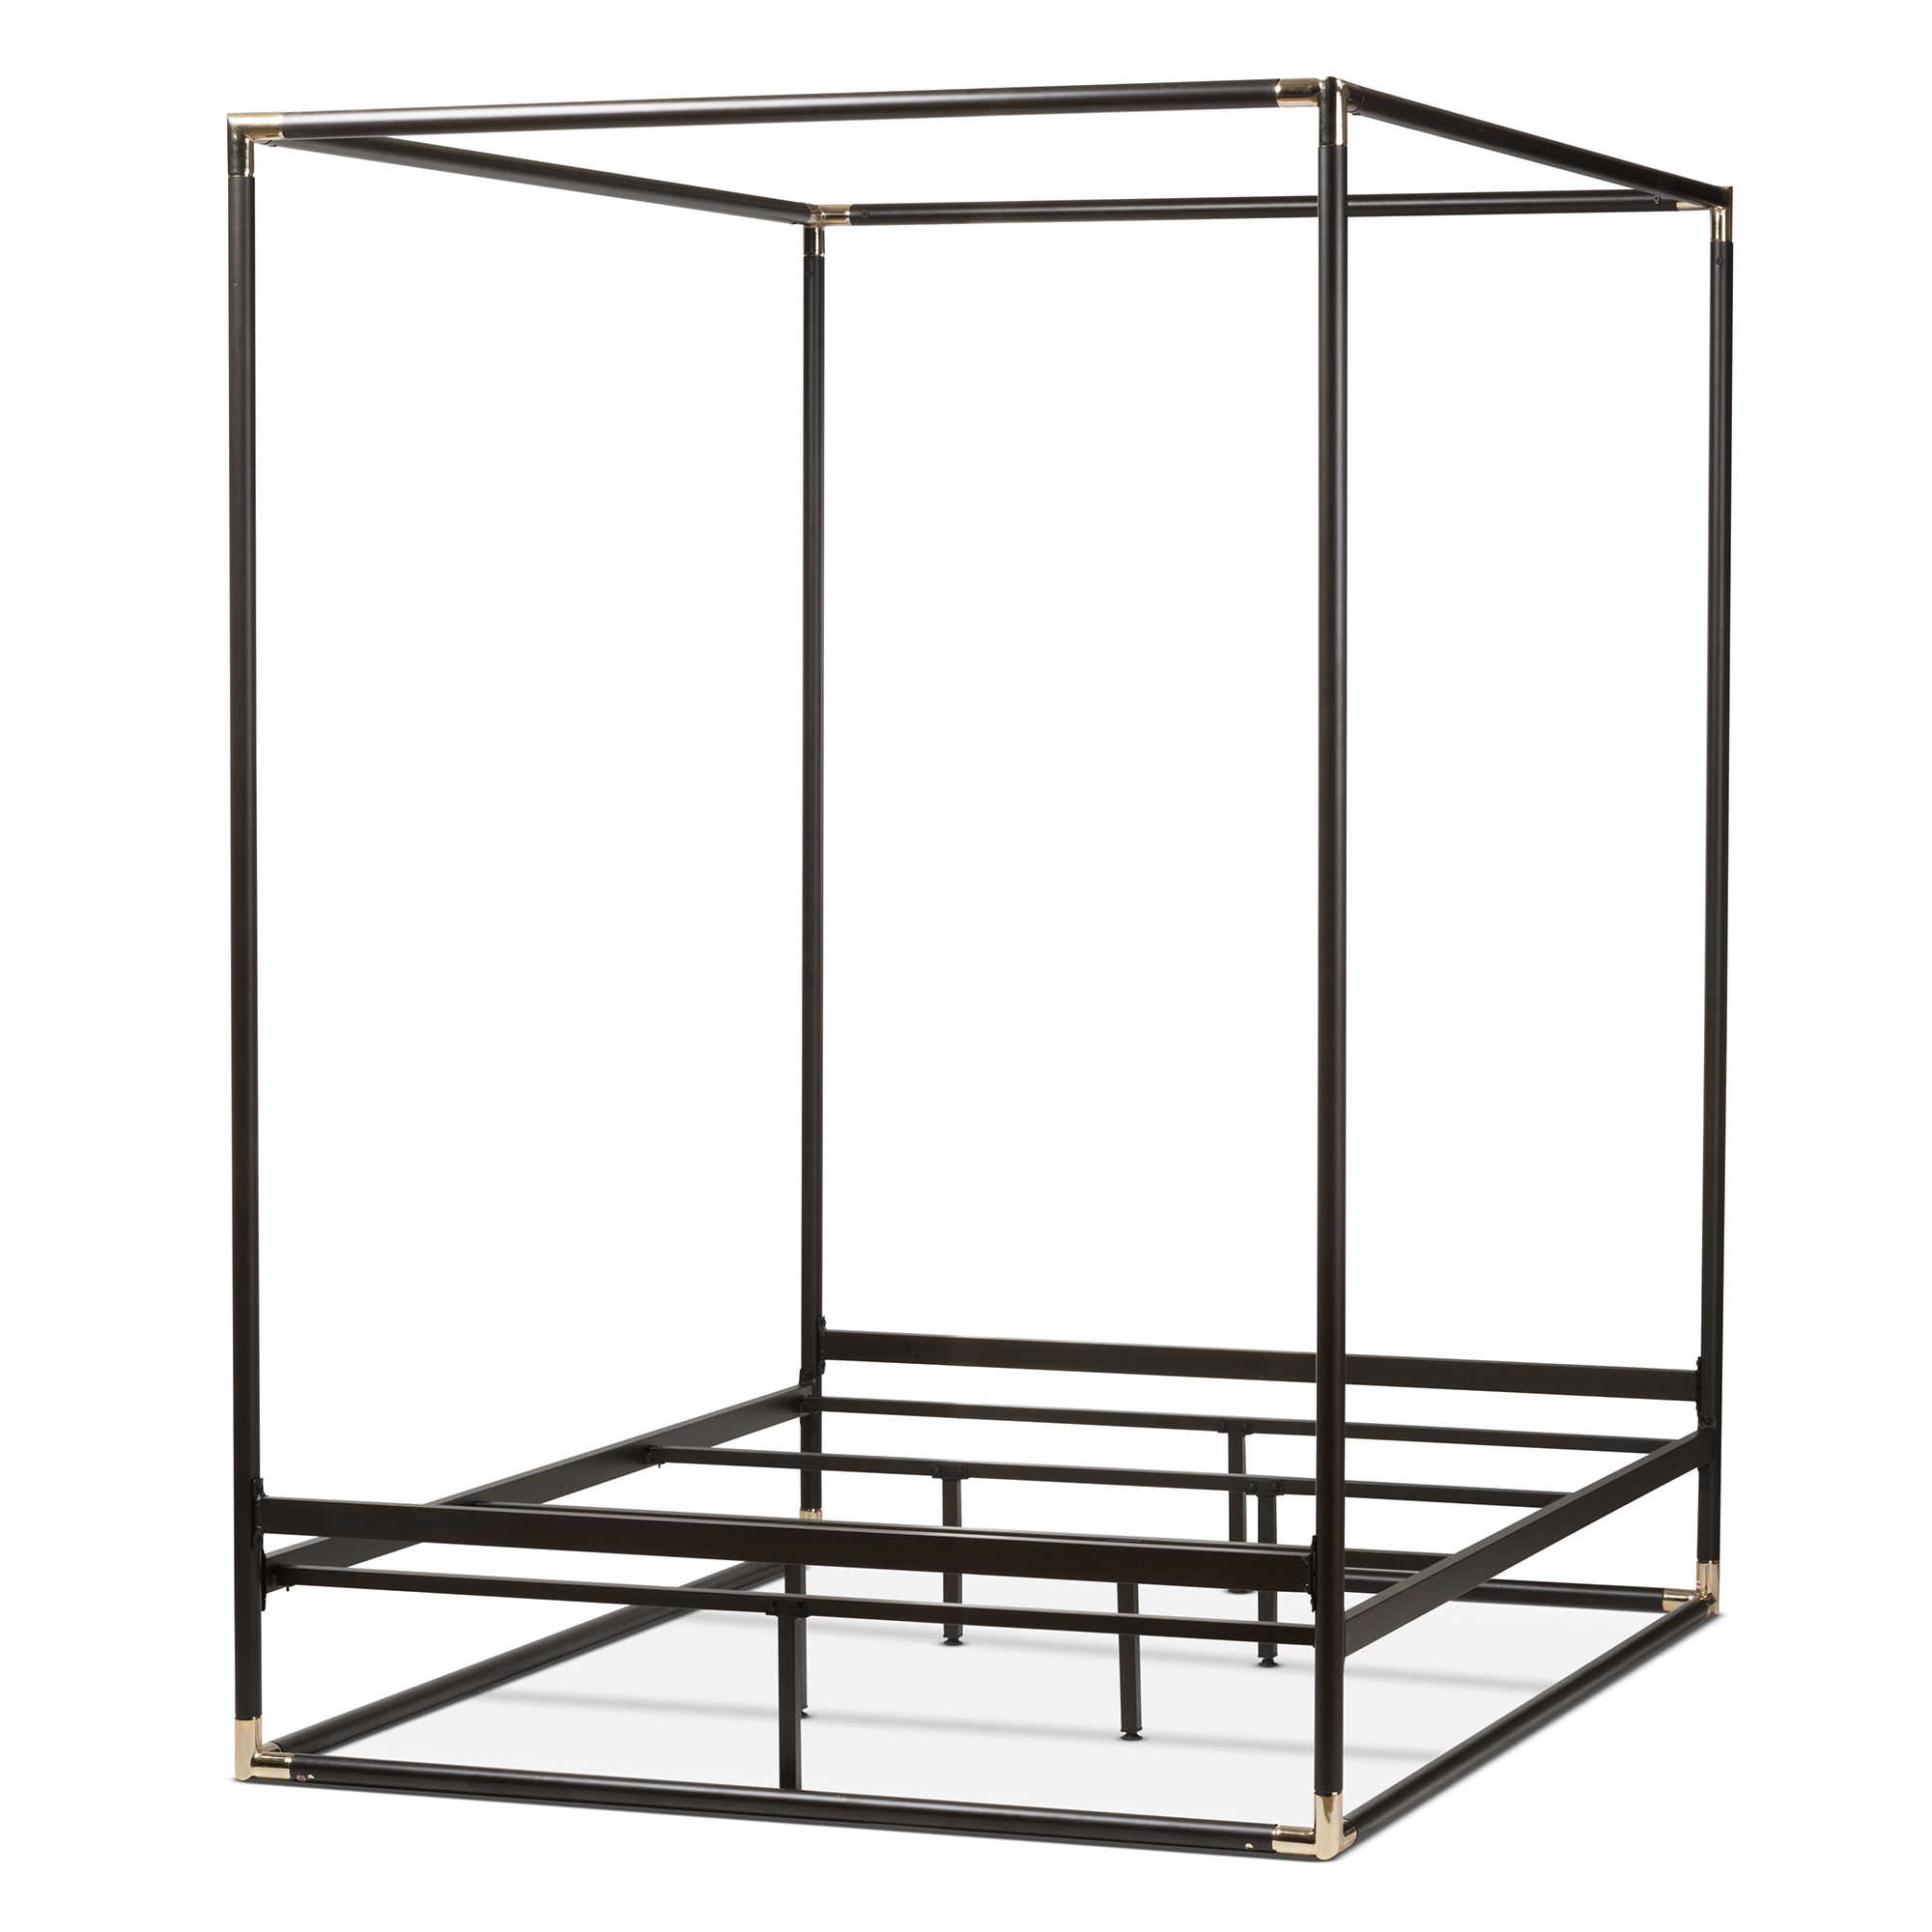 baxton studio eva modern and dark bronze metal canopy queen bed bsotseva - Black Queen Bed